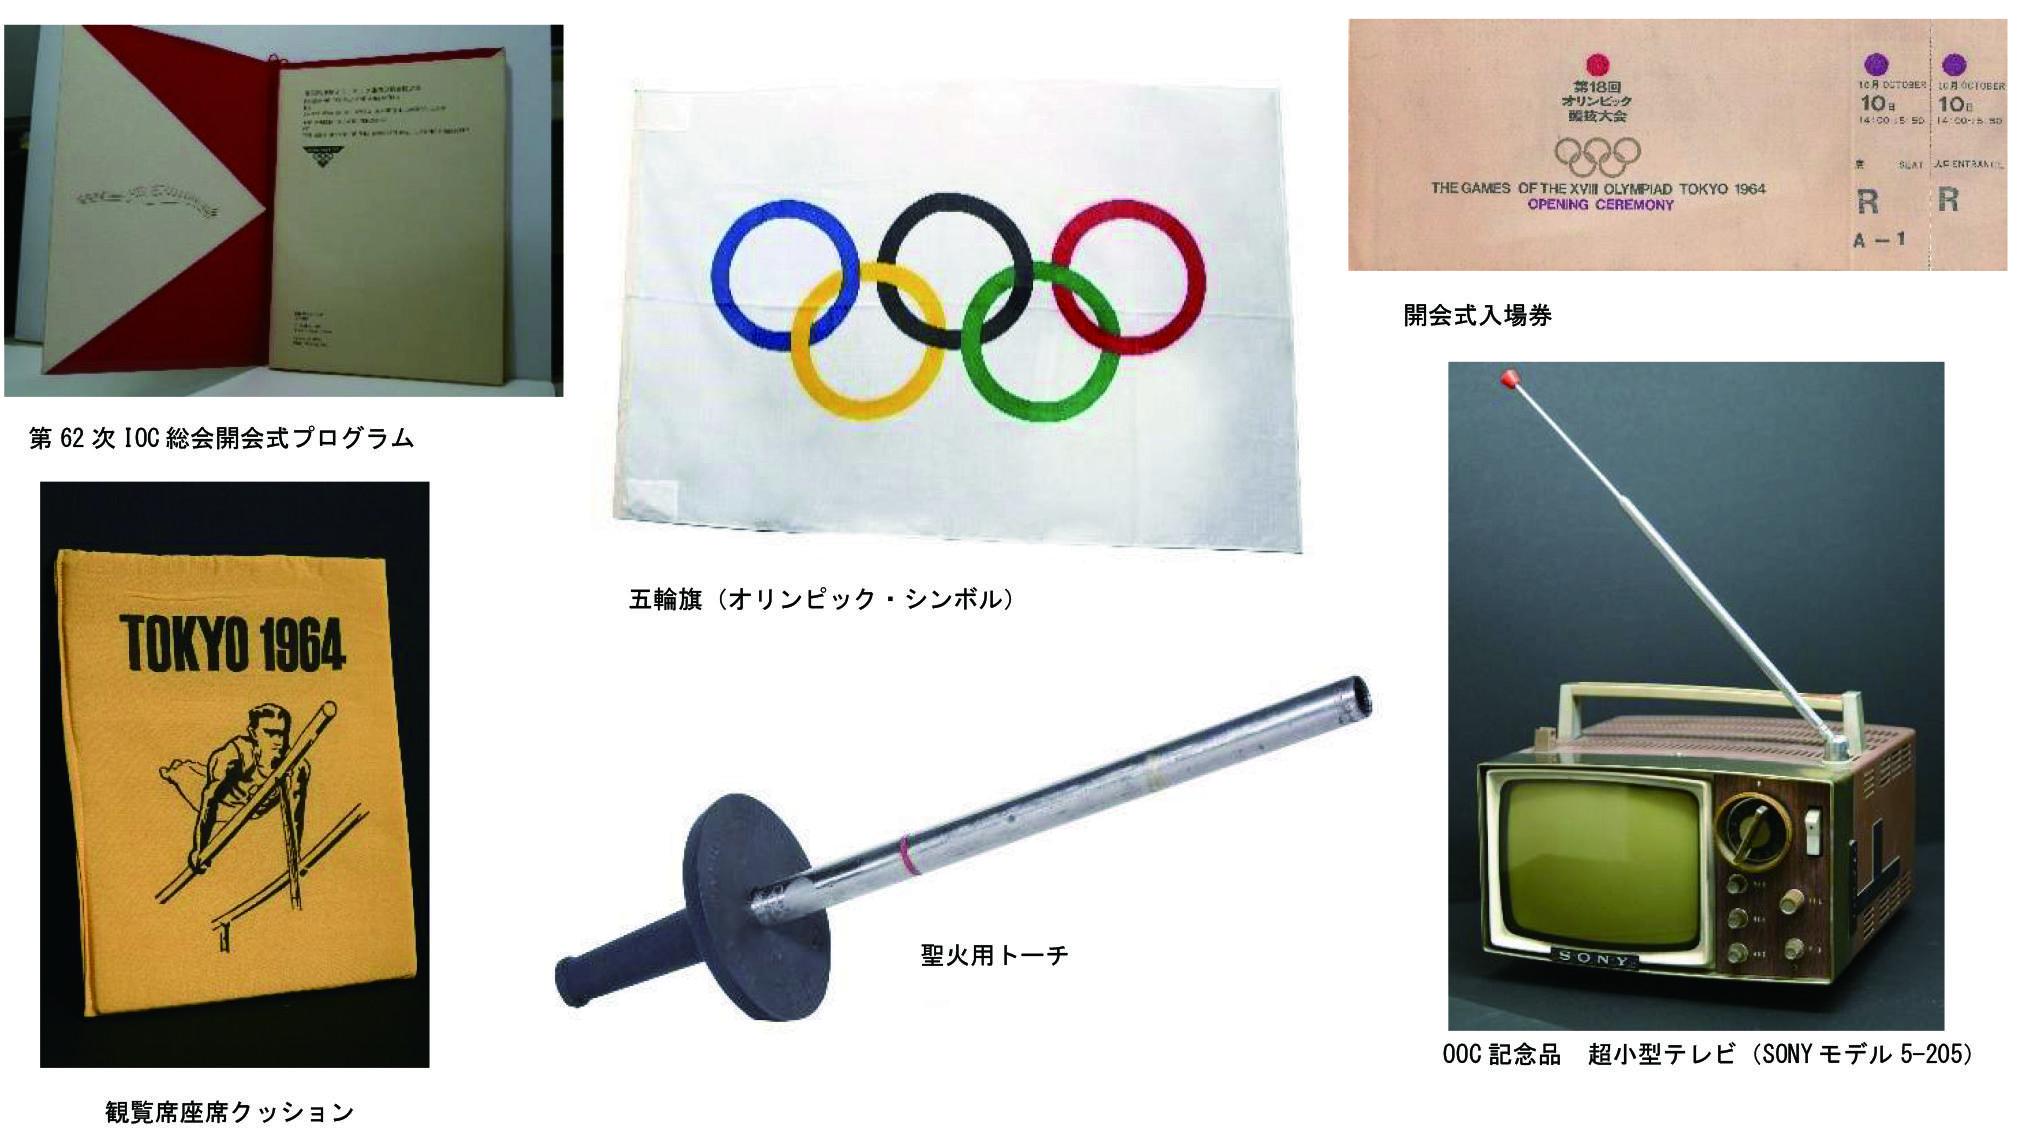 東京2020大会に向けた東洋学園大学の取り組み--''2020年への記録''「新国立競技場建設 定点観測プロジェクト」と''1964年の記憶''「1964年オリンピック東京大会資料」のご紹介